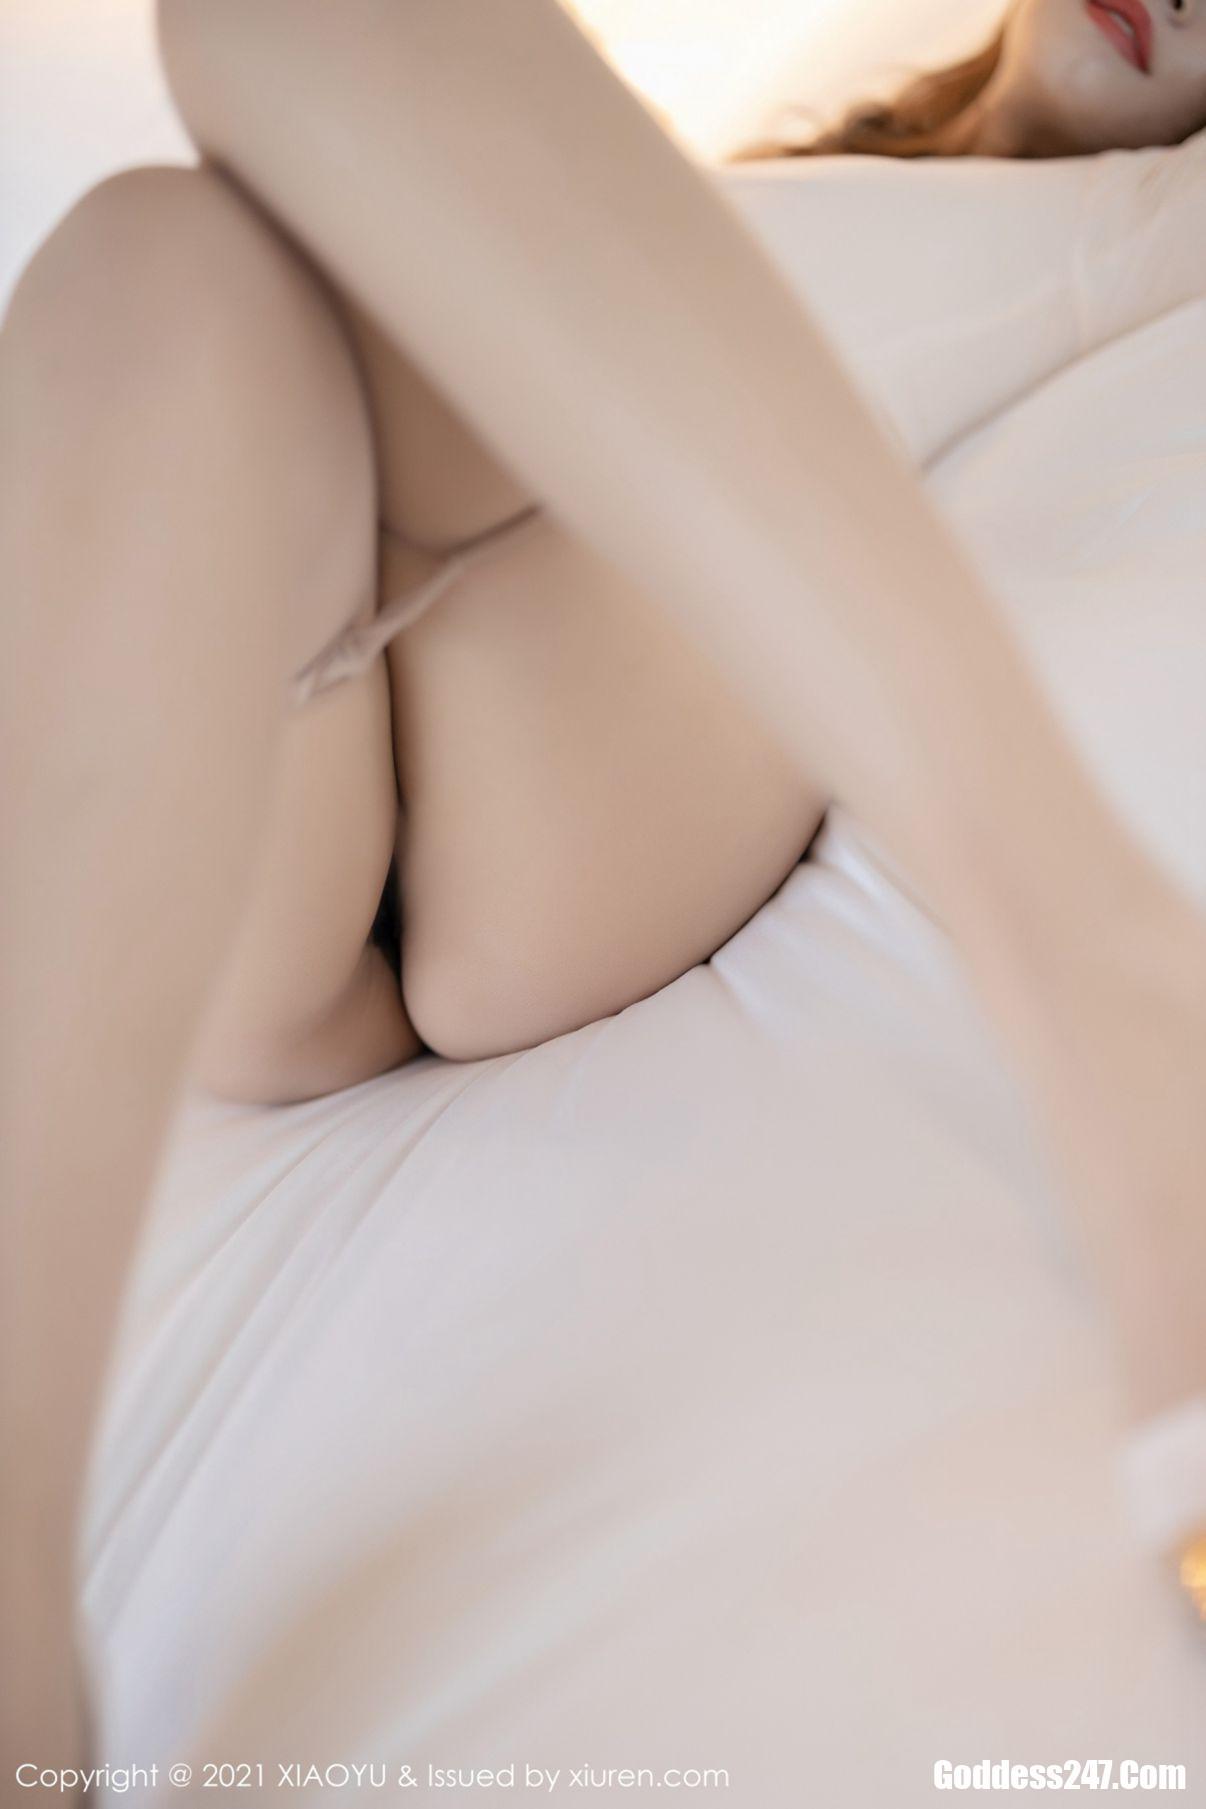 郑颖姗Bev, Zheng Ying Shan, XiaoYu语画界 Vol.530 郑颖姗Bev, XiaoYu语画界 Vol.530